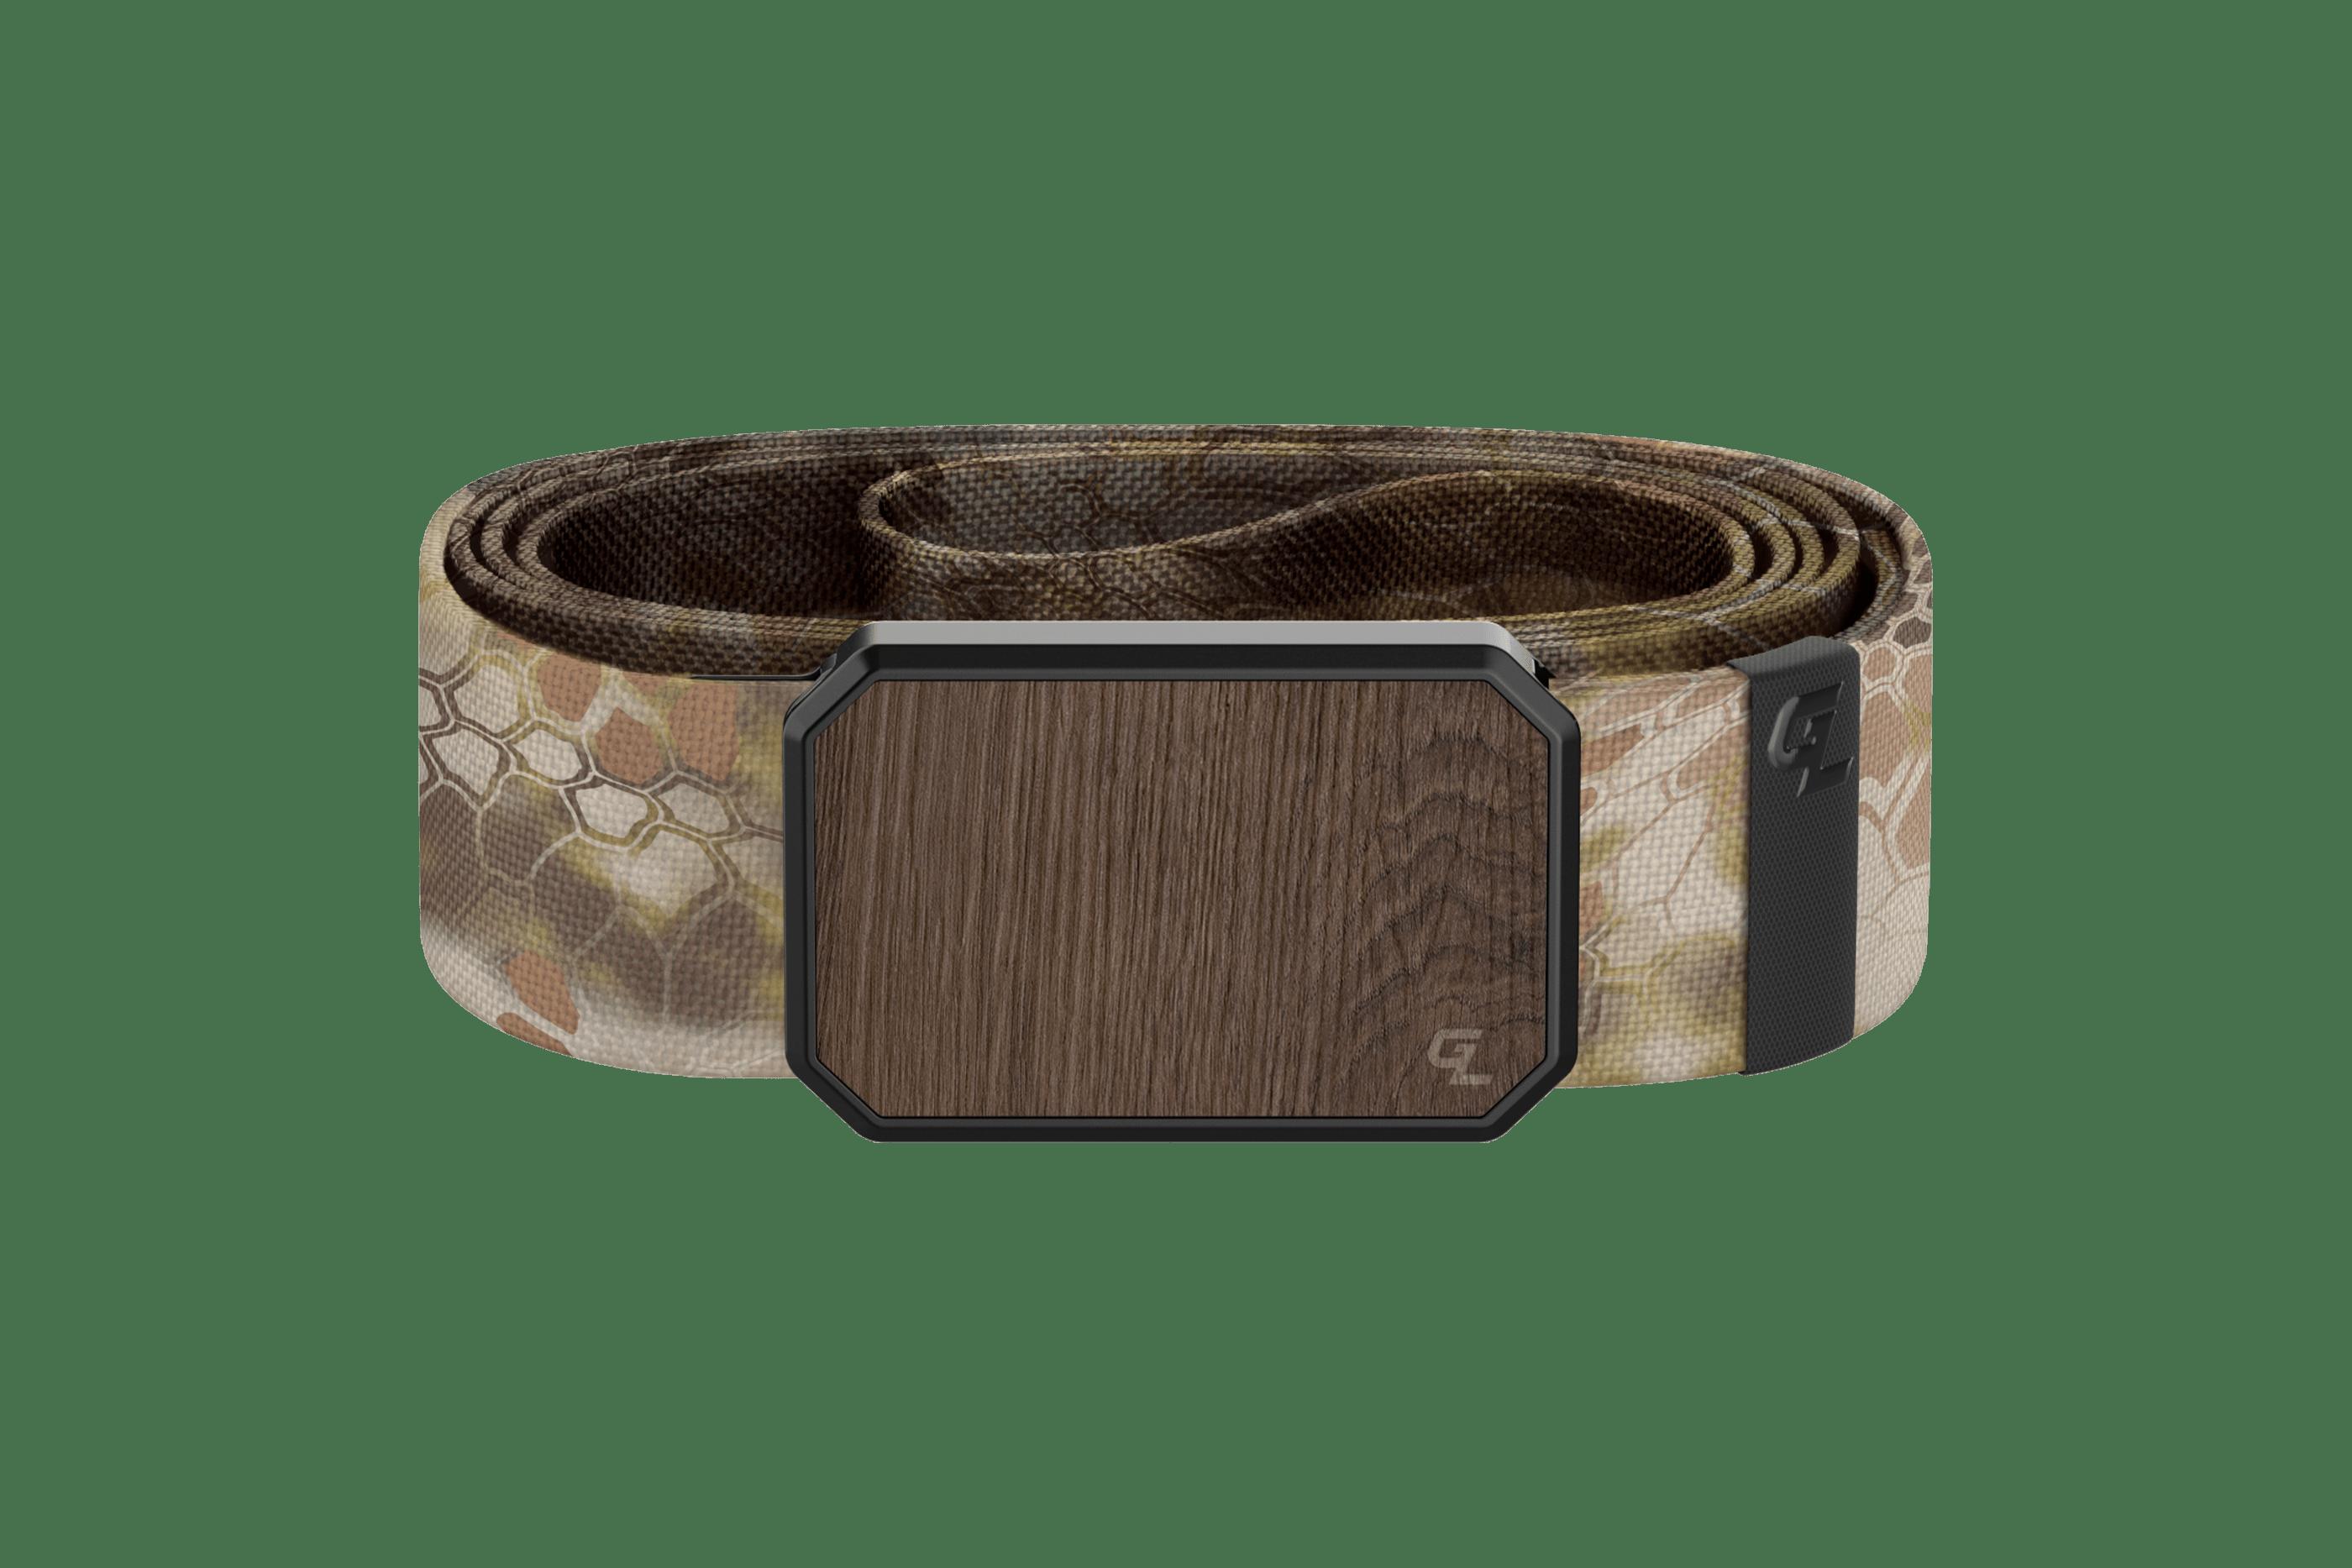 Groove Belt Kryptek Highlander Walnut  viewed front on